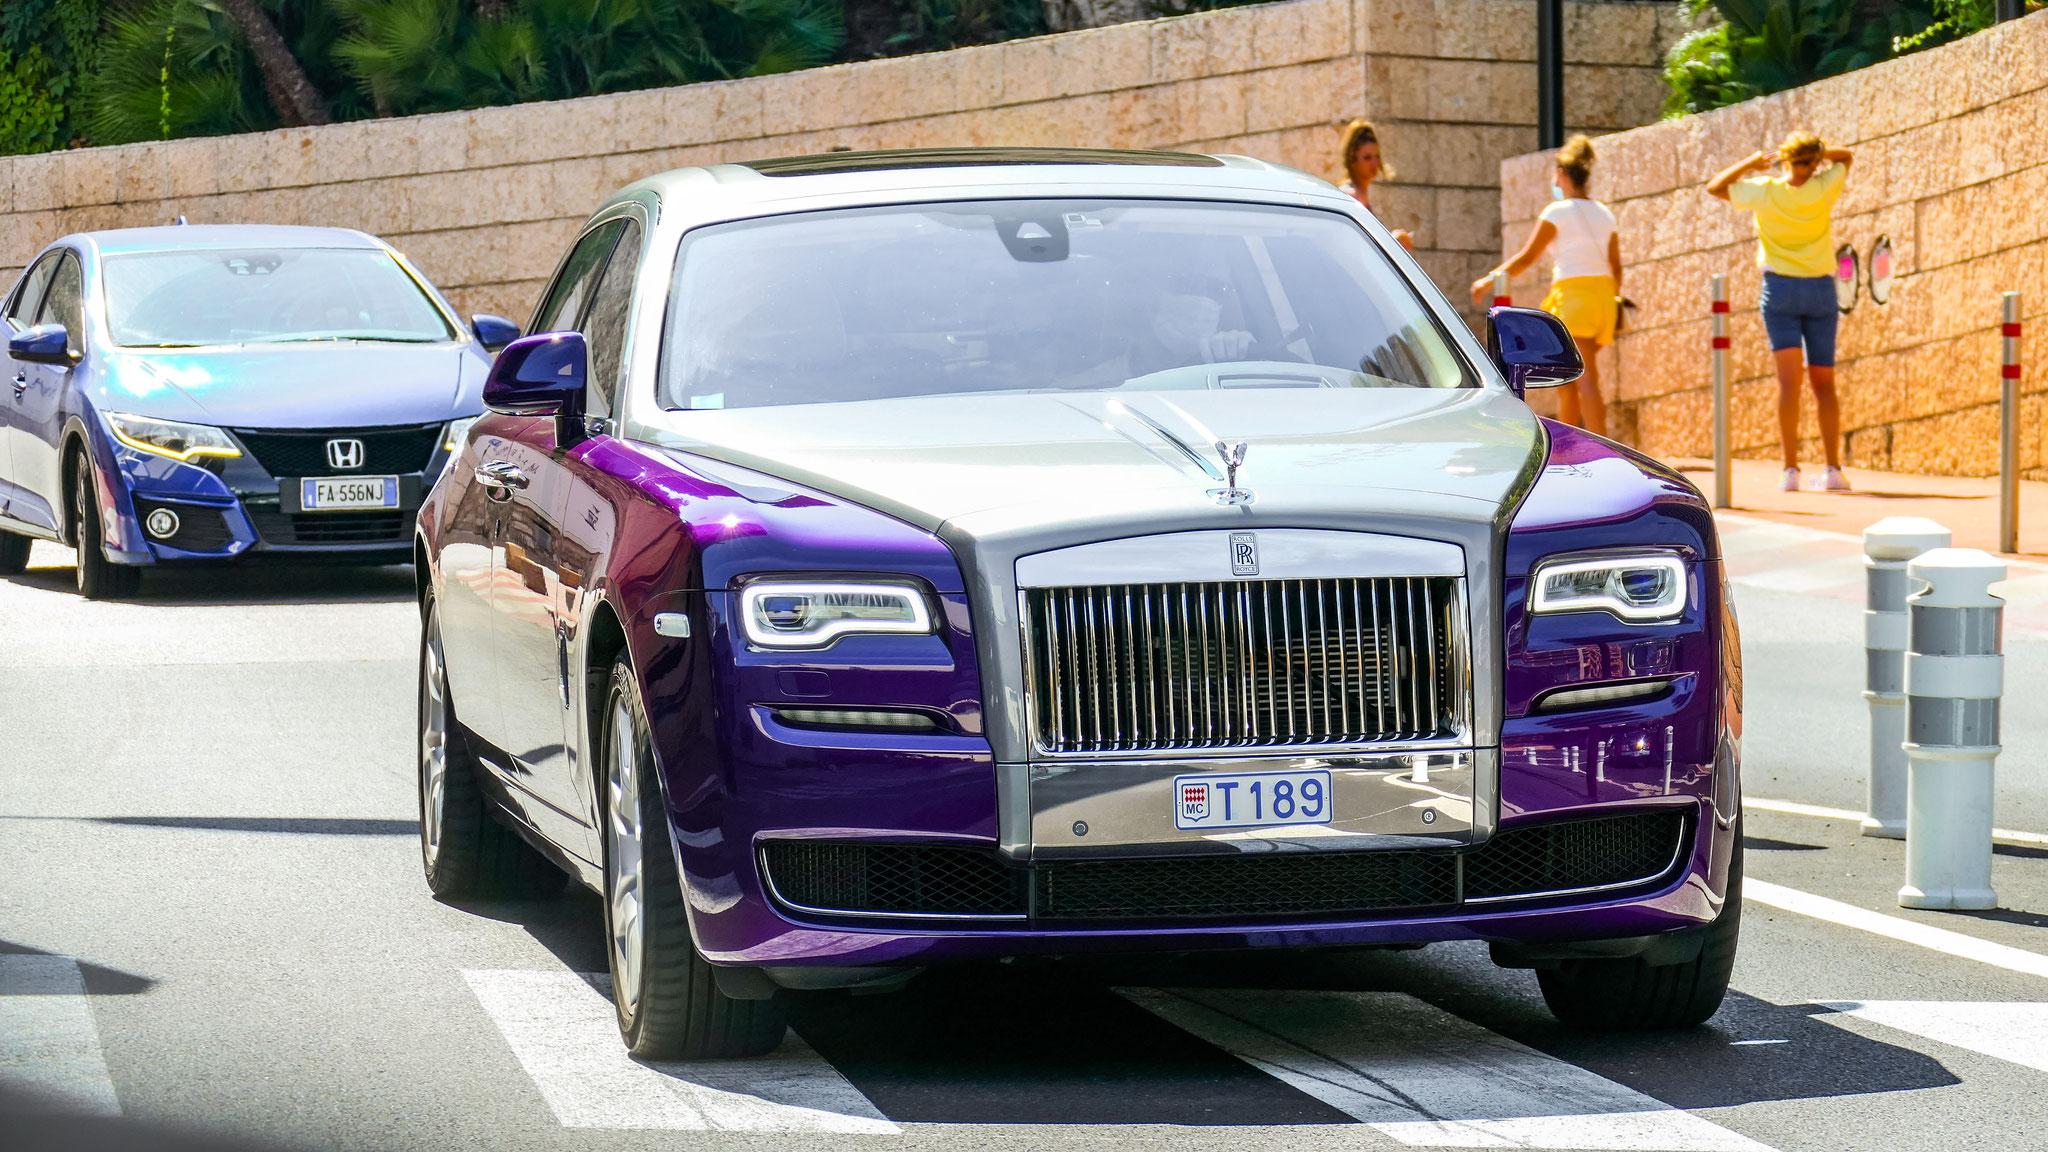 Rolls Royce Ghost Series II - T189 (MC)